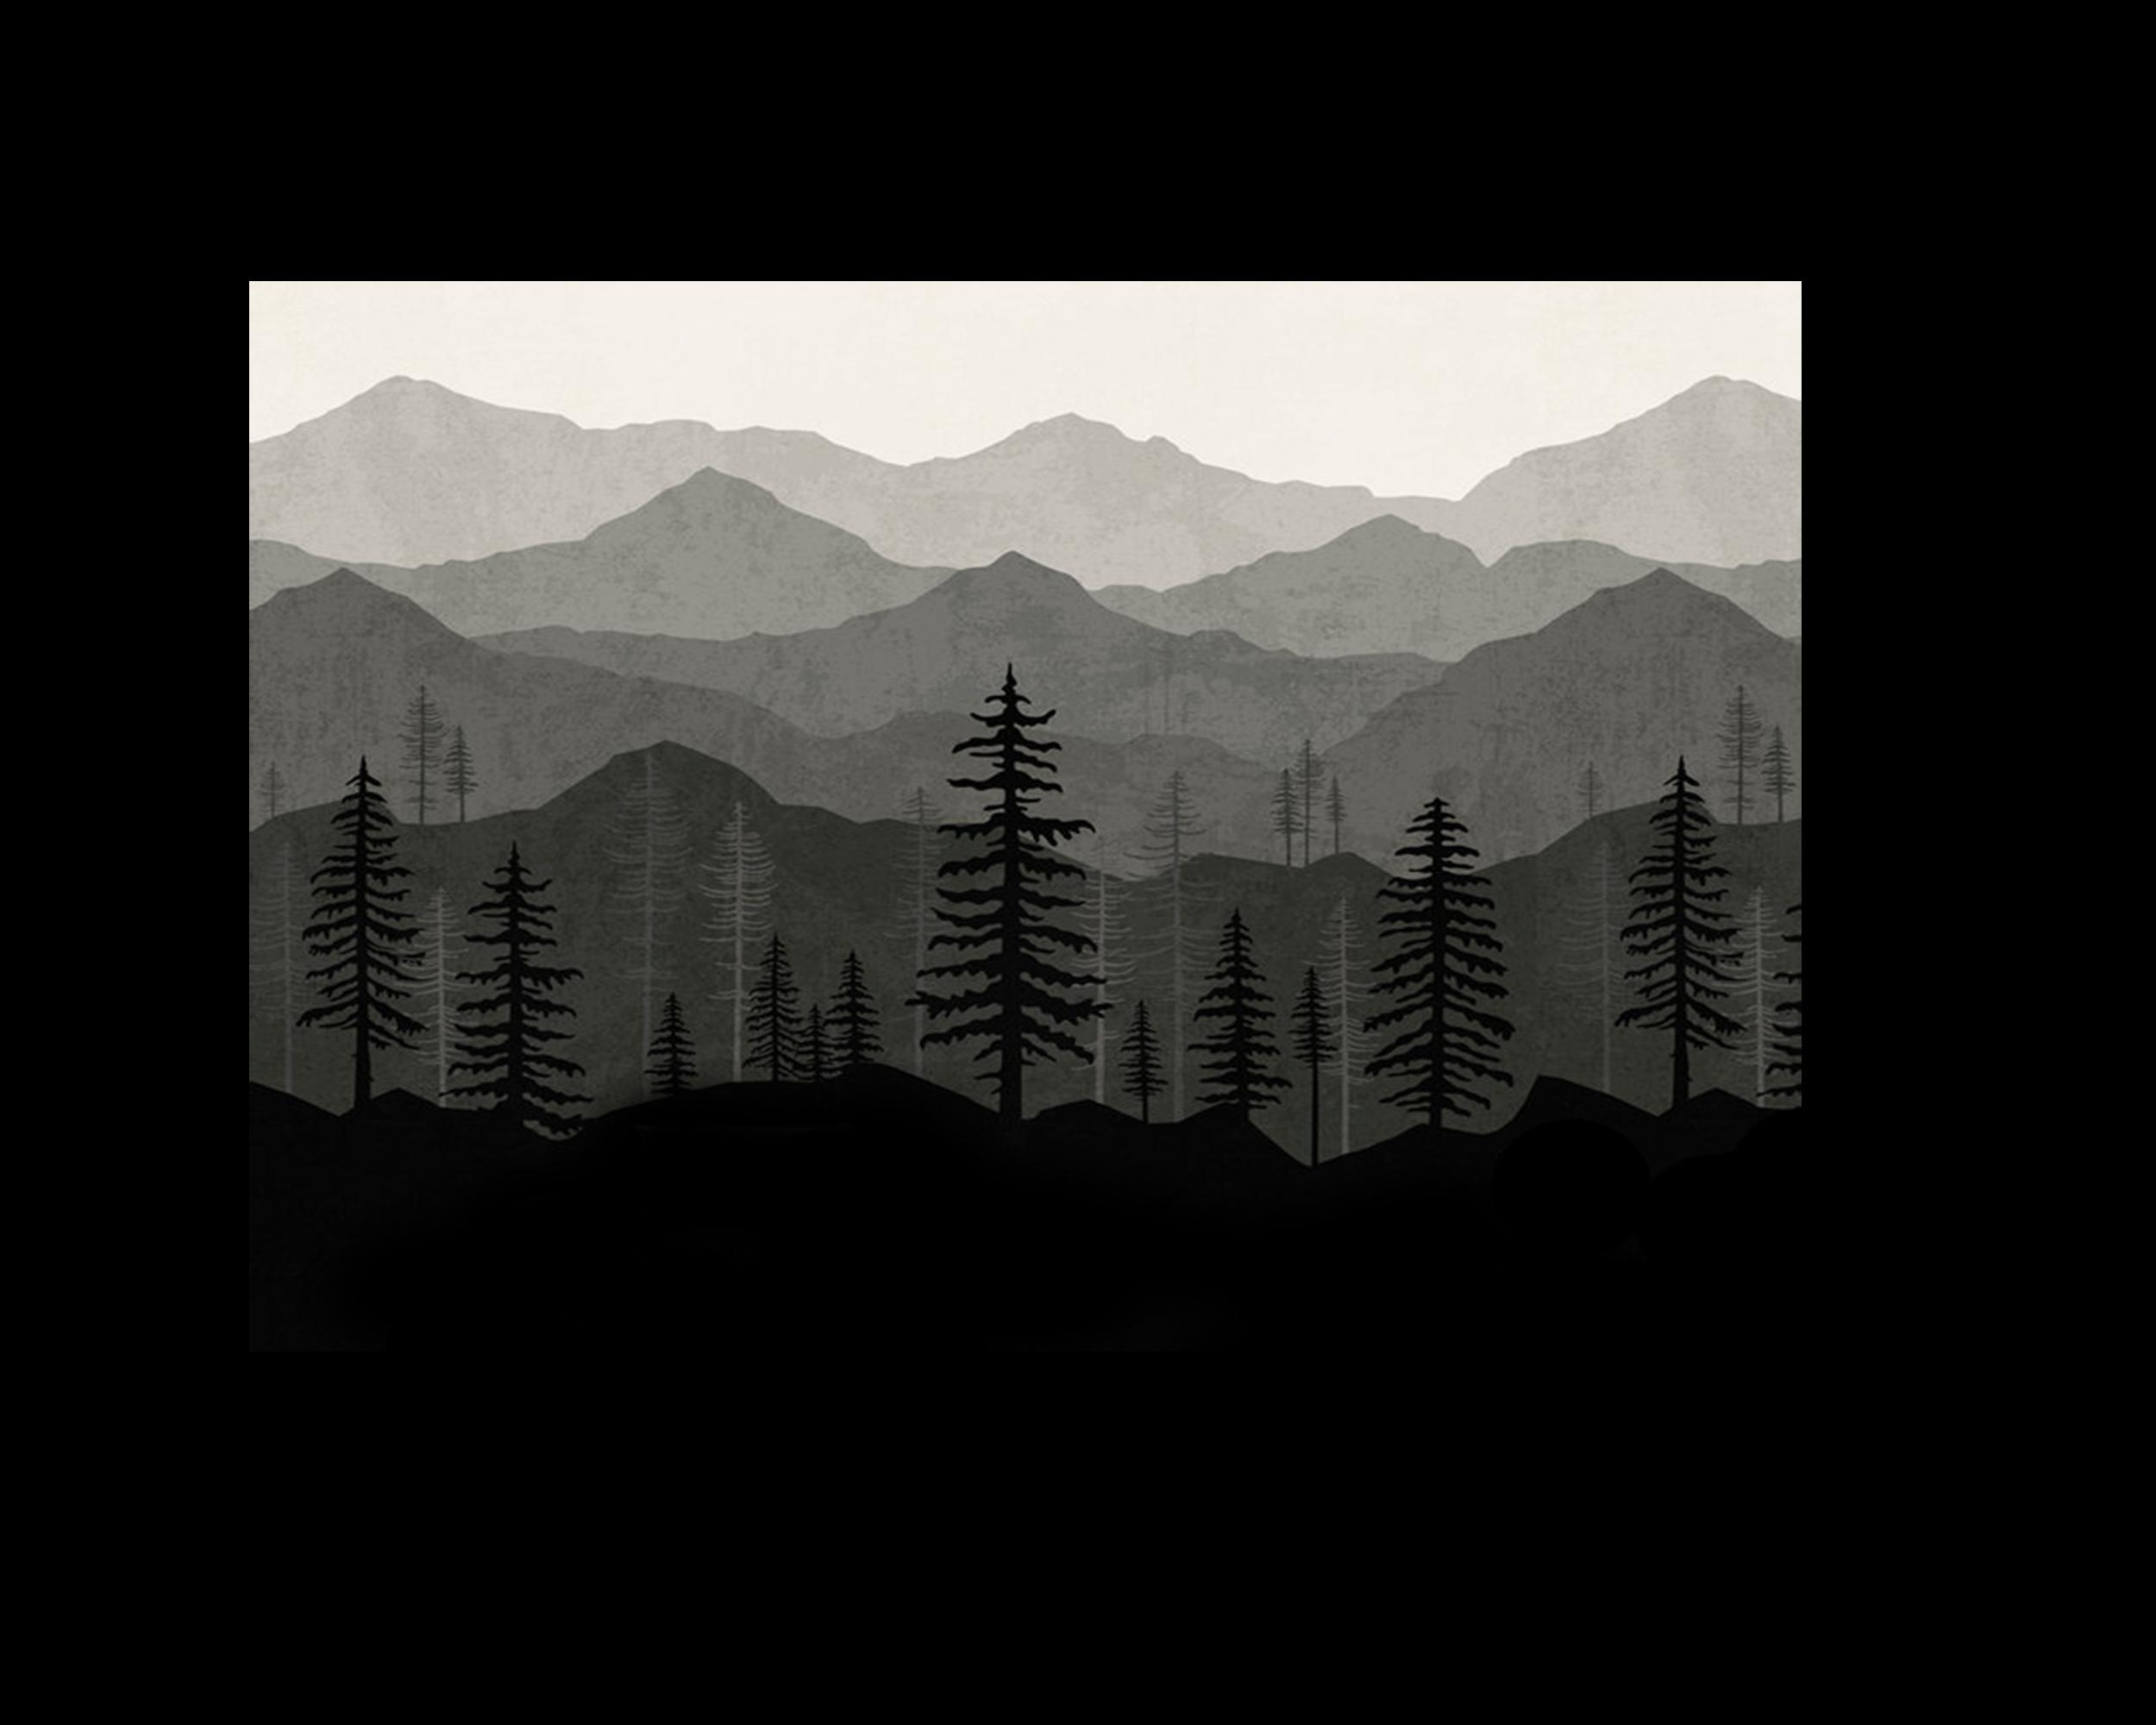 grey ombre mountain mural wallpaper